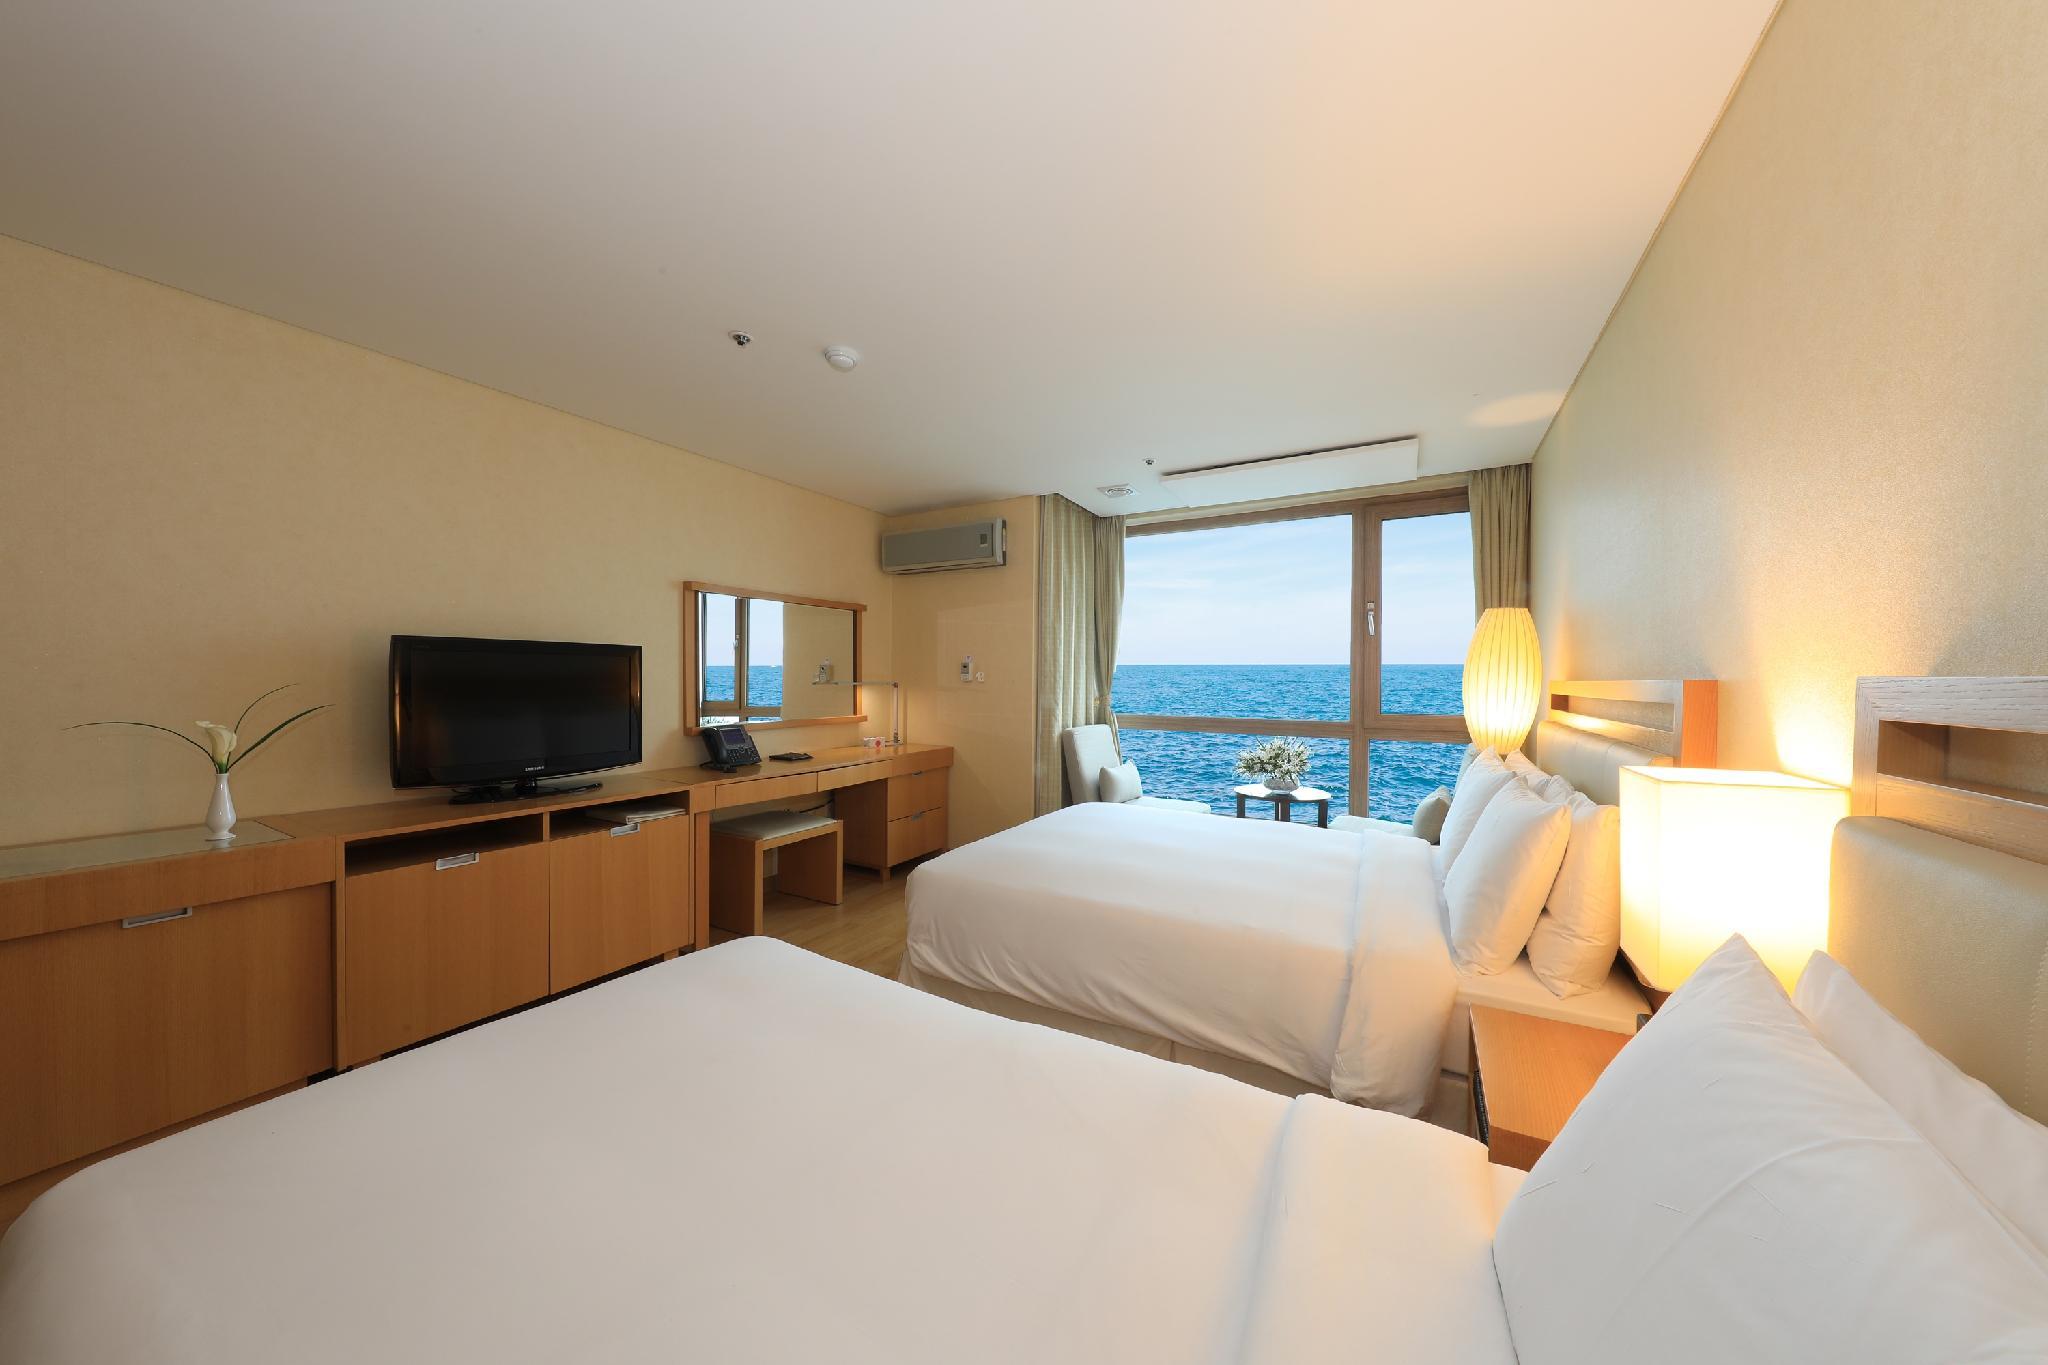 هتل اوشن سوییتس جیجو